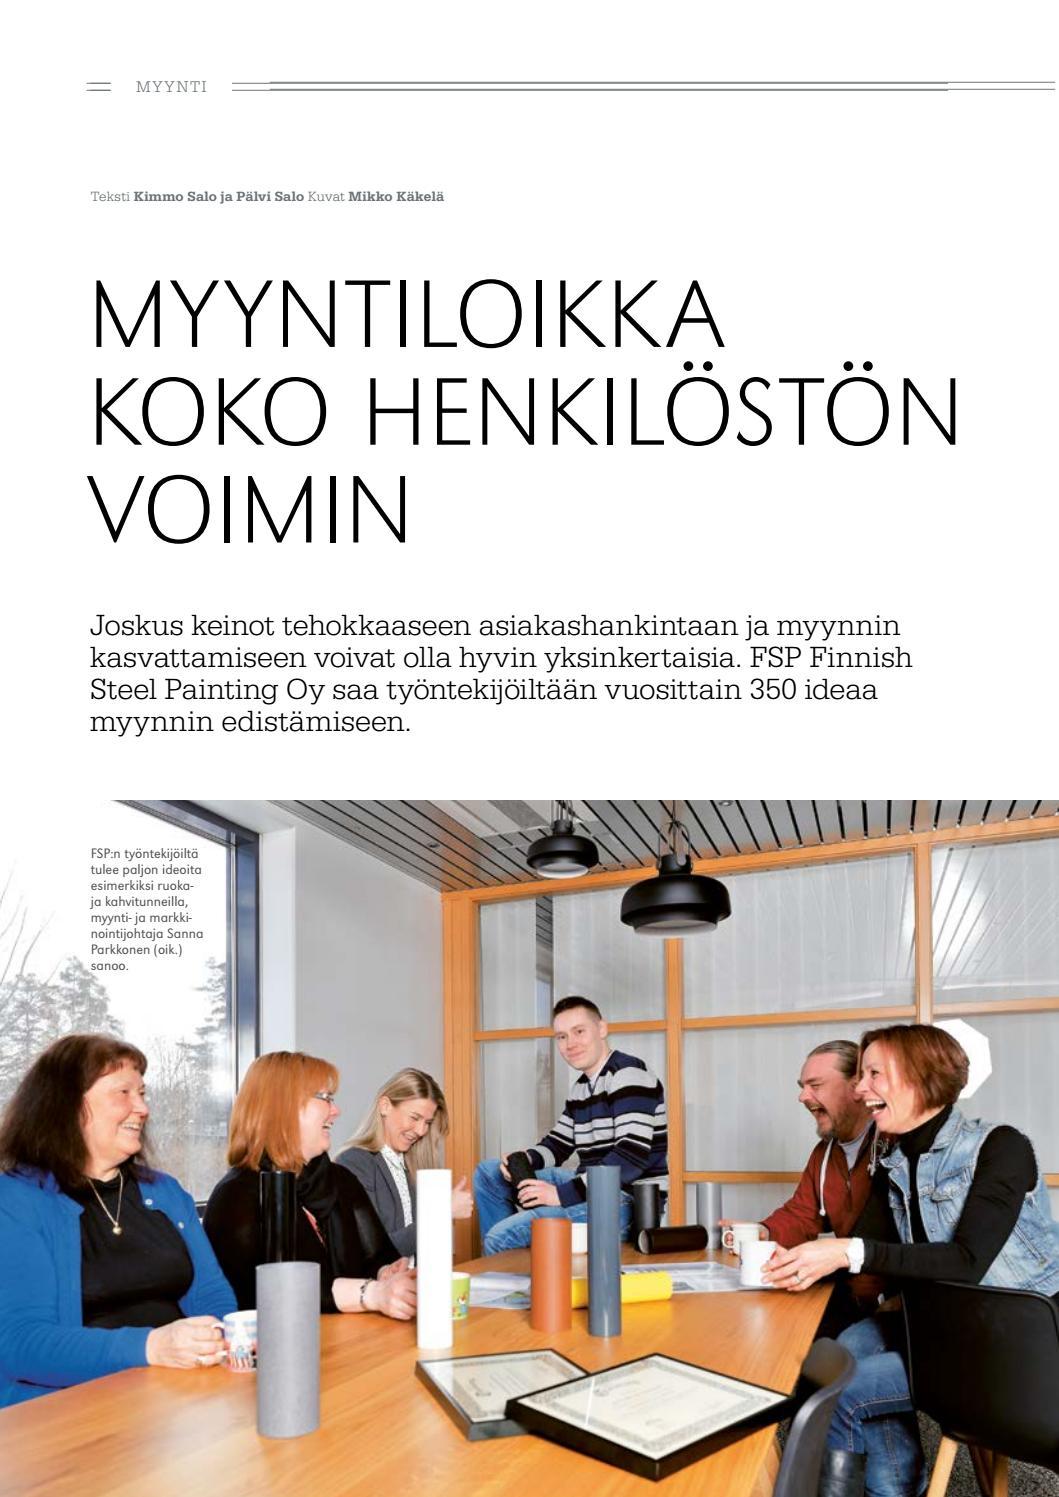 Myynti & Markkinointi 2/2017 by Myynnin ja markkinoinnin ammattilaiset MMA - Issuu